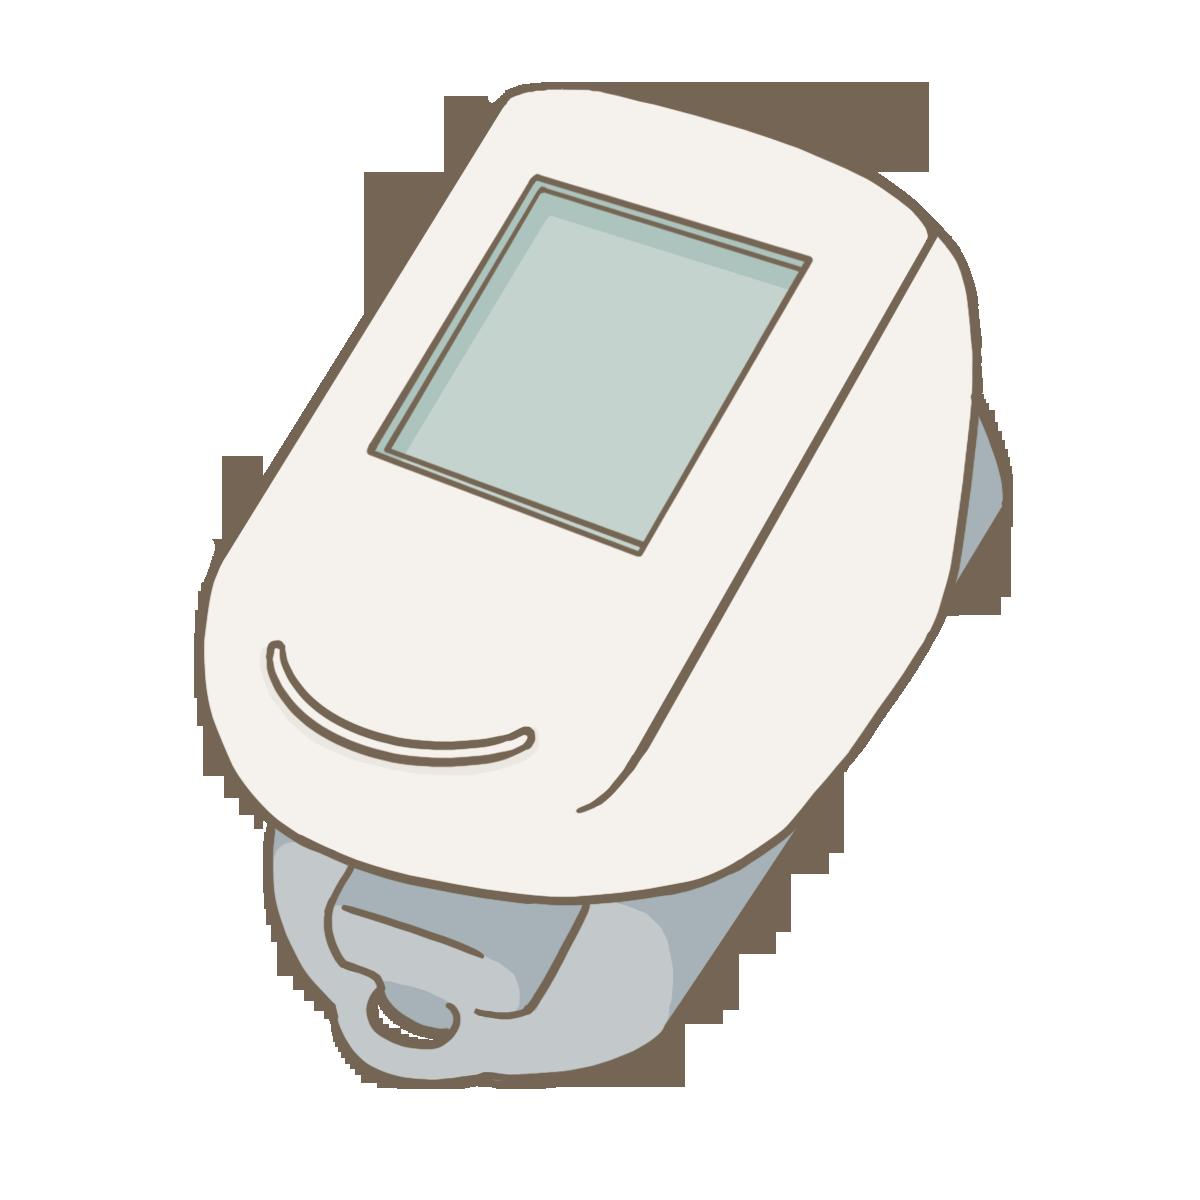 Pulseoximetermedicalequipment